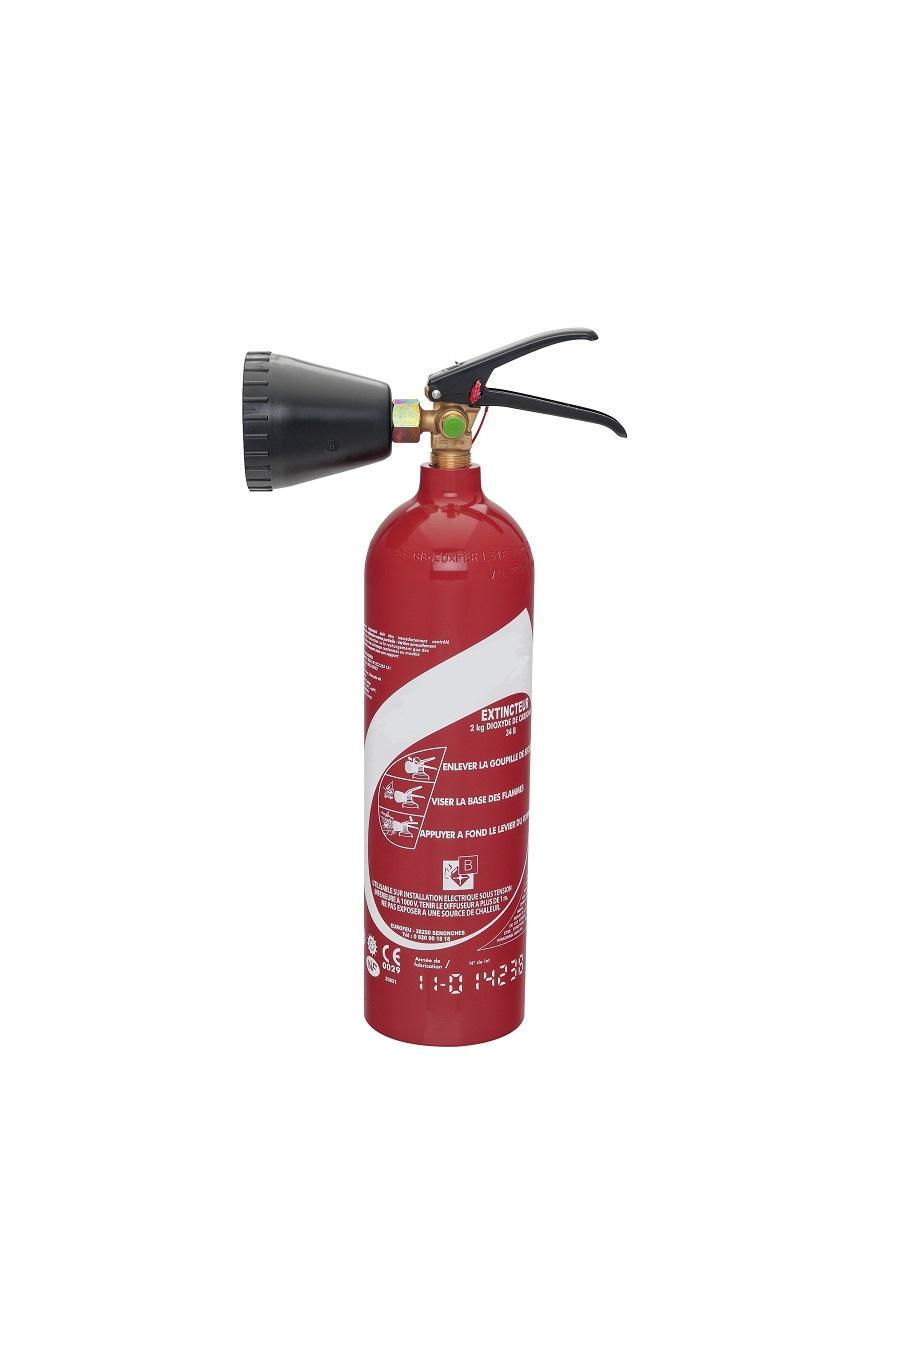 extincteur co2 Ardi securite incendie